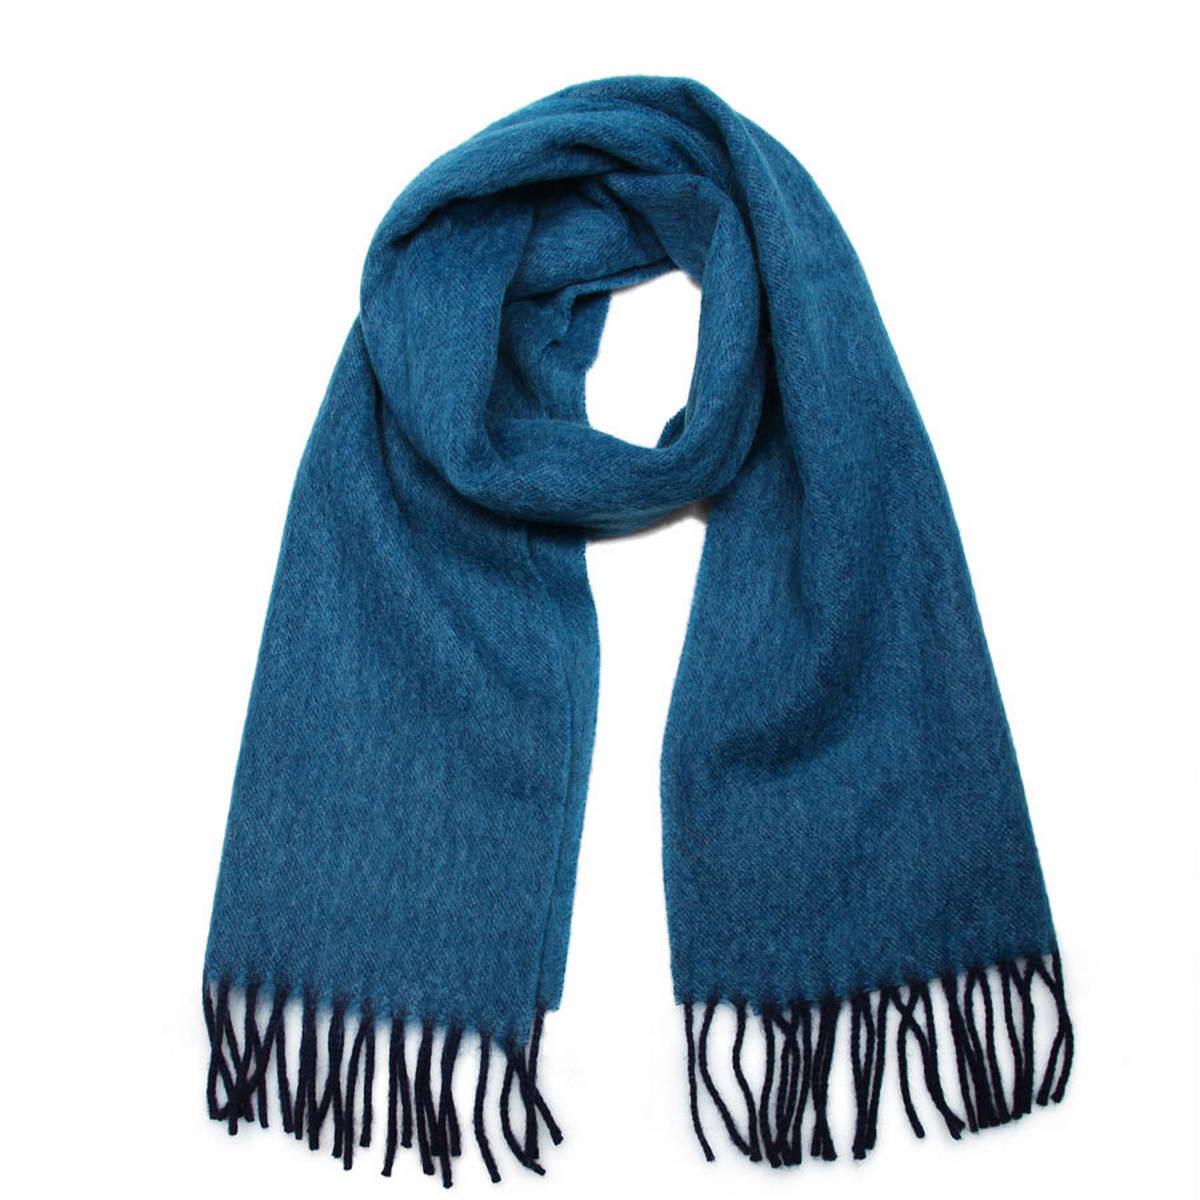 Шарф мужской. 50021325002132-10Элегантный мужской шарф Venera согреет вас в холодное время года, а также станет изысканным аксессуаром, который призван подчеркнуть ваш стиль и индивидуальность. Оригинальный теплый шарф выполнен из высококачественной шерстяной пряжи. Строгий однотонный шарф выполнен в классической расцветке и дополнен жгутиками по краю. Такой шарф станет превосходным дополнением к любому наряду, защитит вас от ветра и холода и позволит вам создать свой неповторимый стиль.